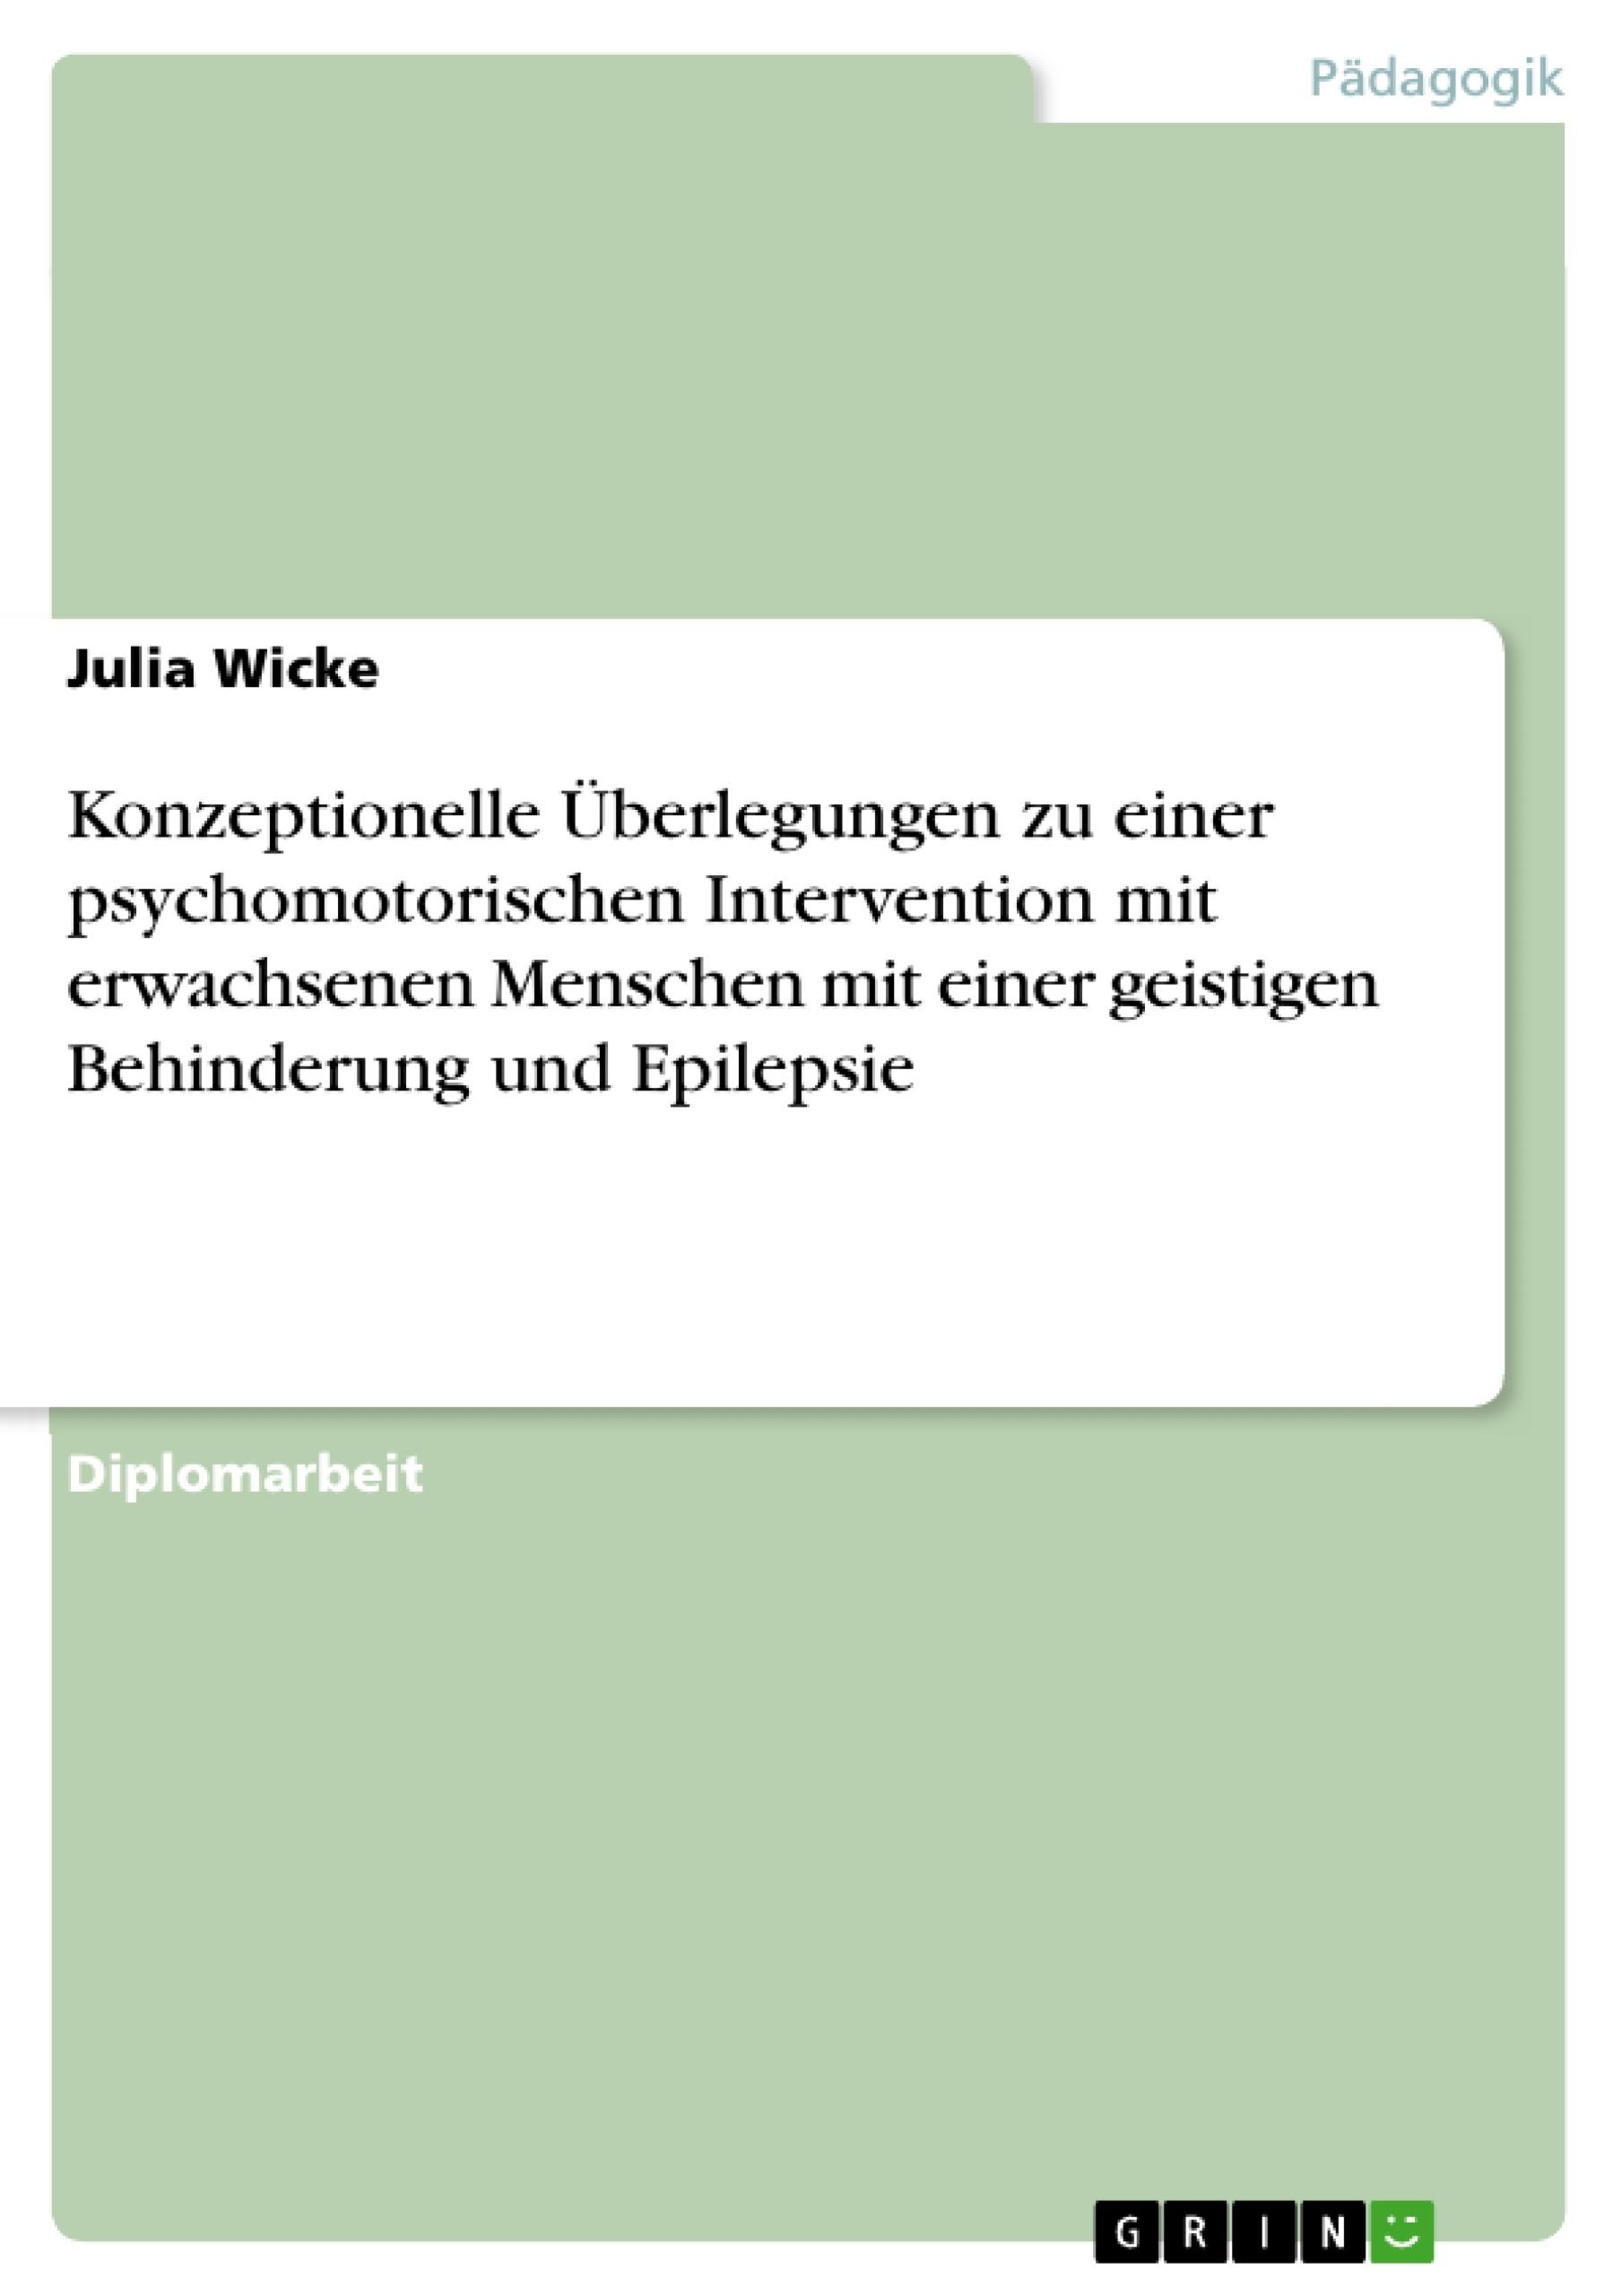 Titel: Konzeptionelle Überlegungen zu einer psychomotorischen Intervention mit erwachsenen Menschen mit einer geistigen Behinderung und Epilepsie